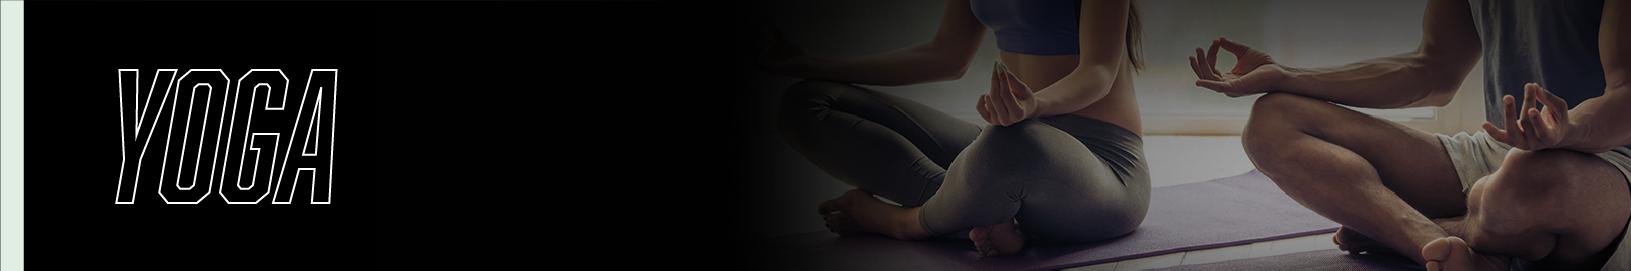 L_Yoga